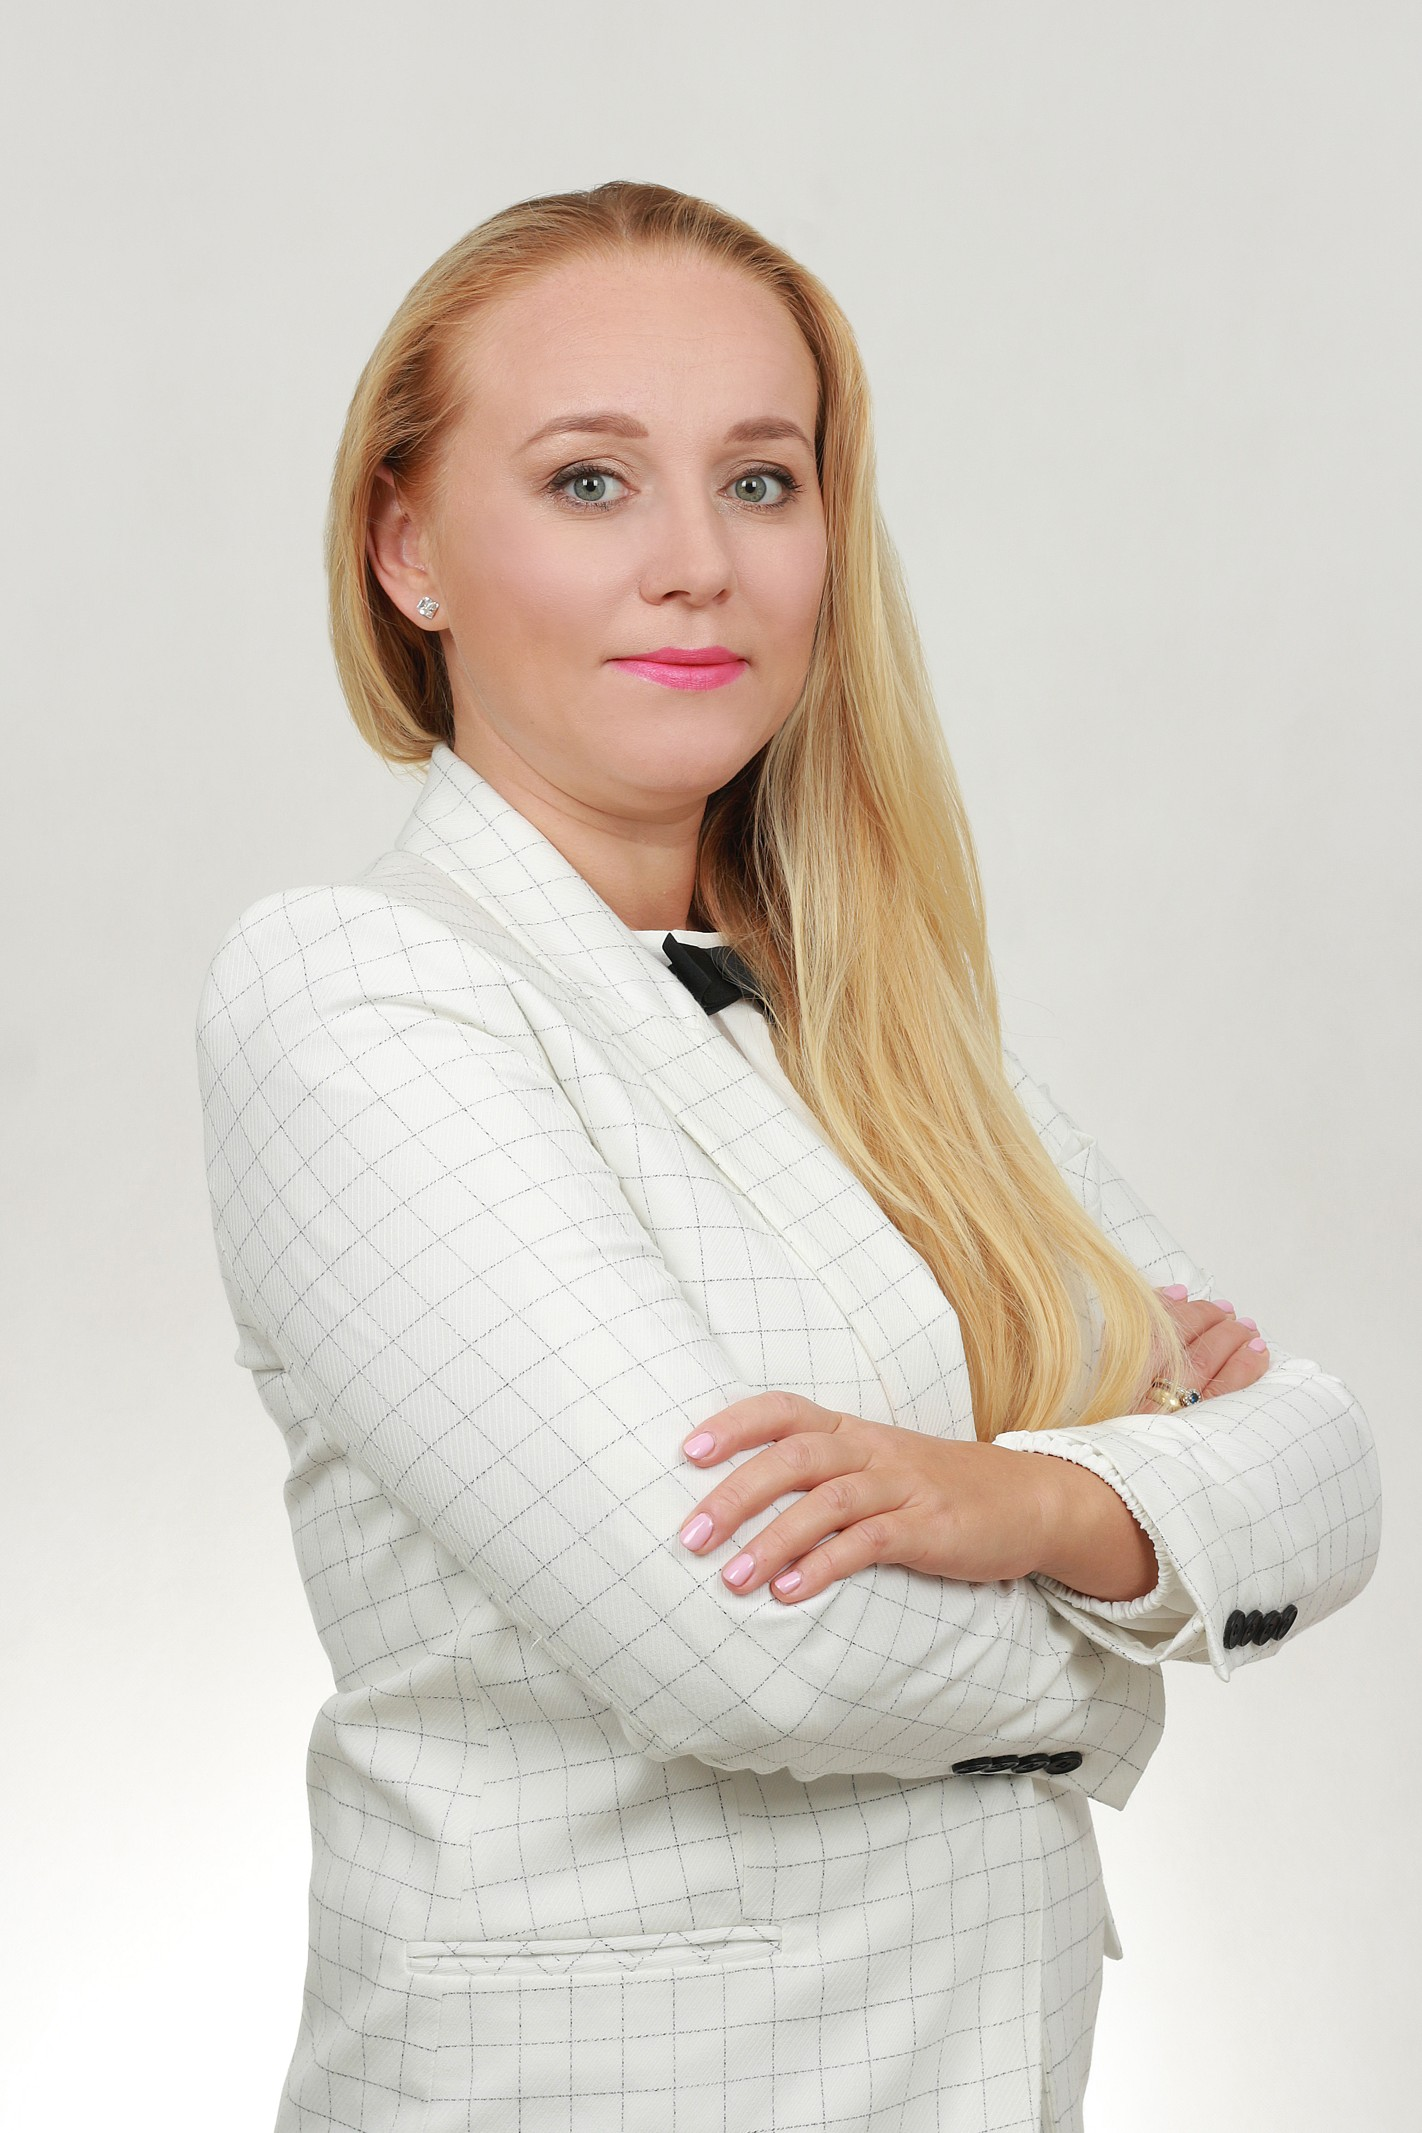 Justyna Gawryluk - ASTONS Nieruchomości